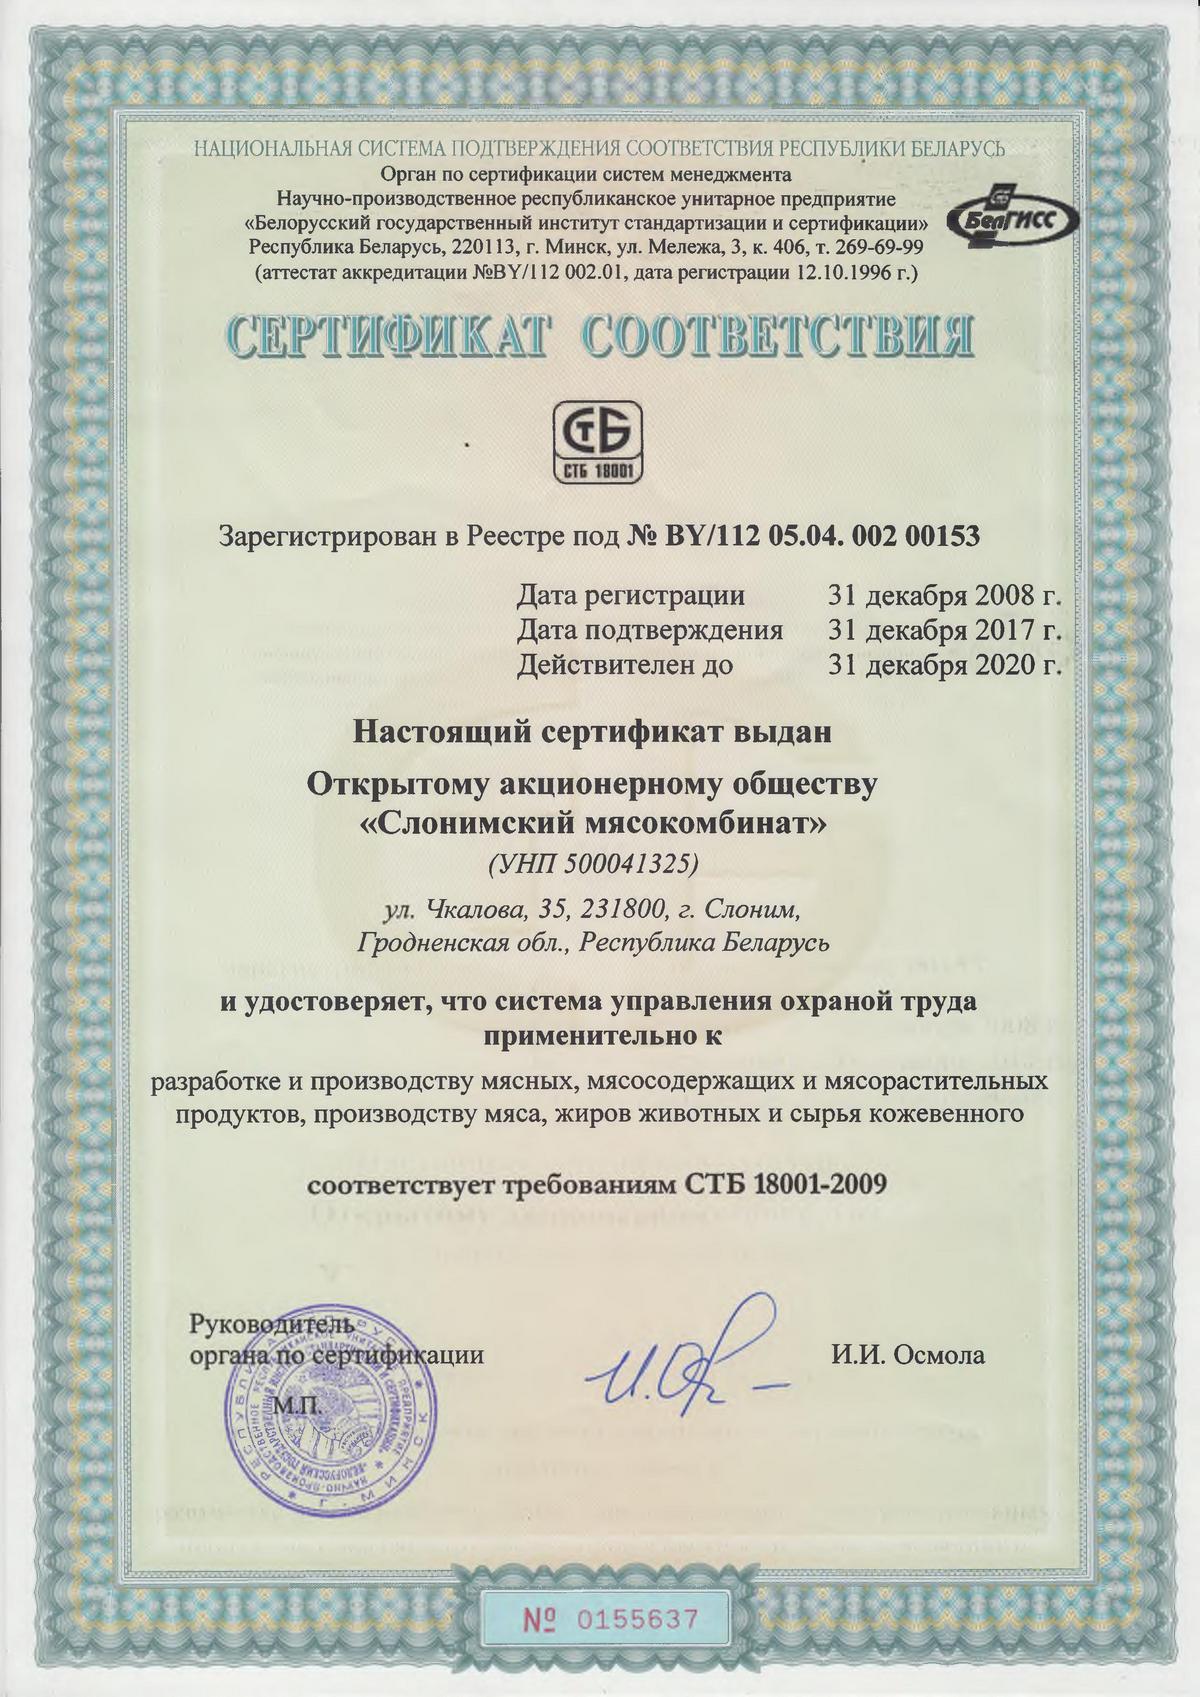 Сертификат соответствия требованиям СТБ 18001-2009